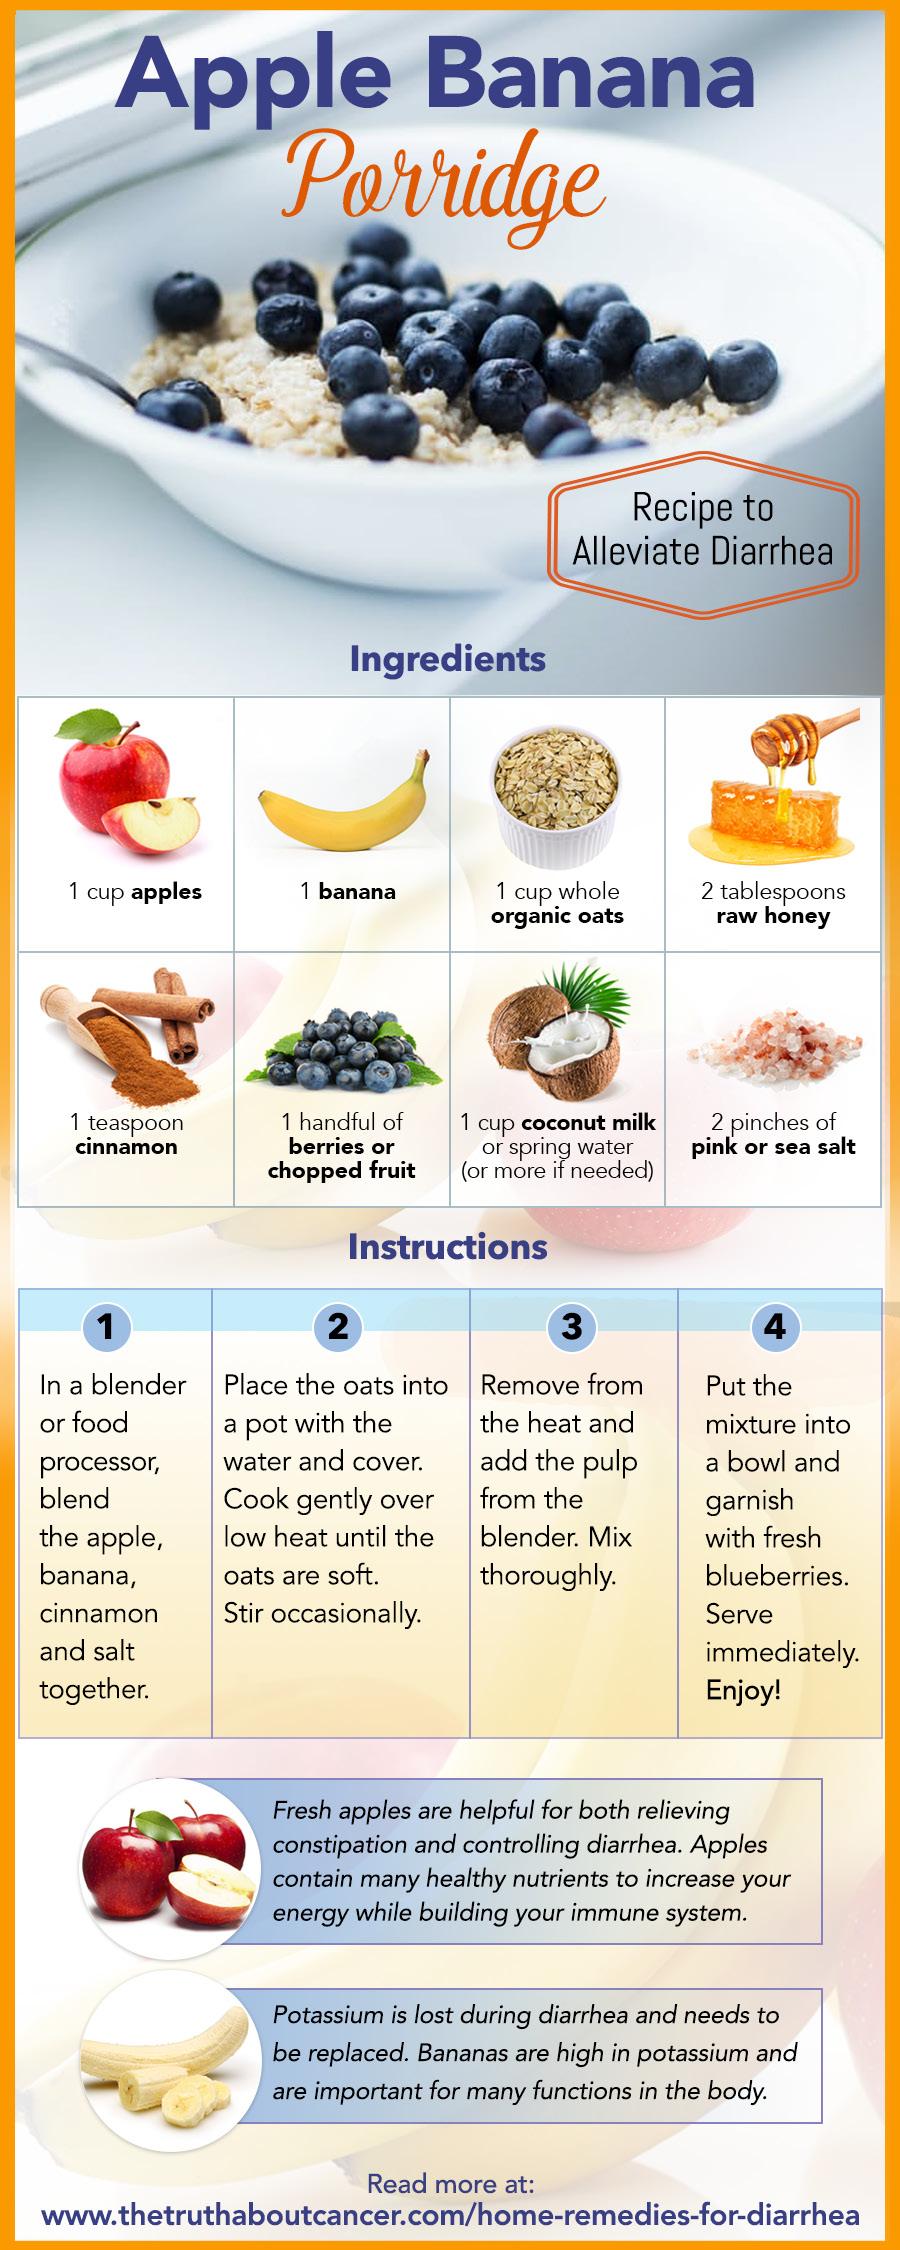 Apple Banana Porridge recipe to alleviate diarrhea